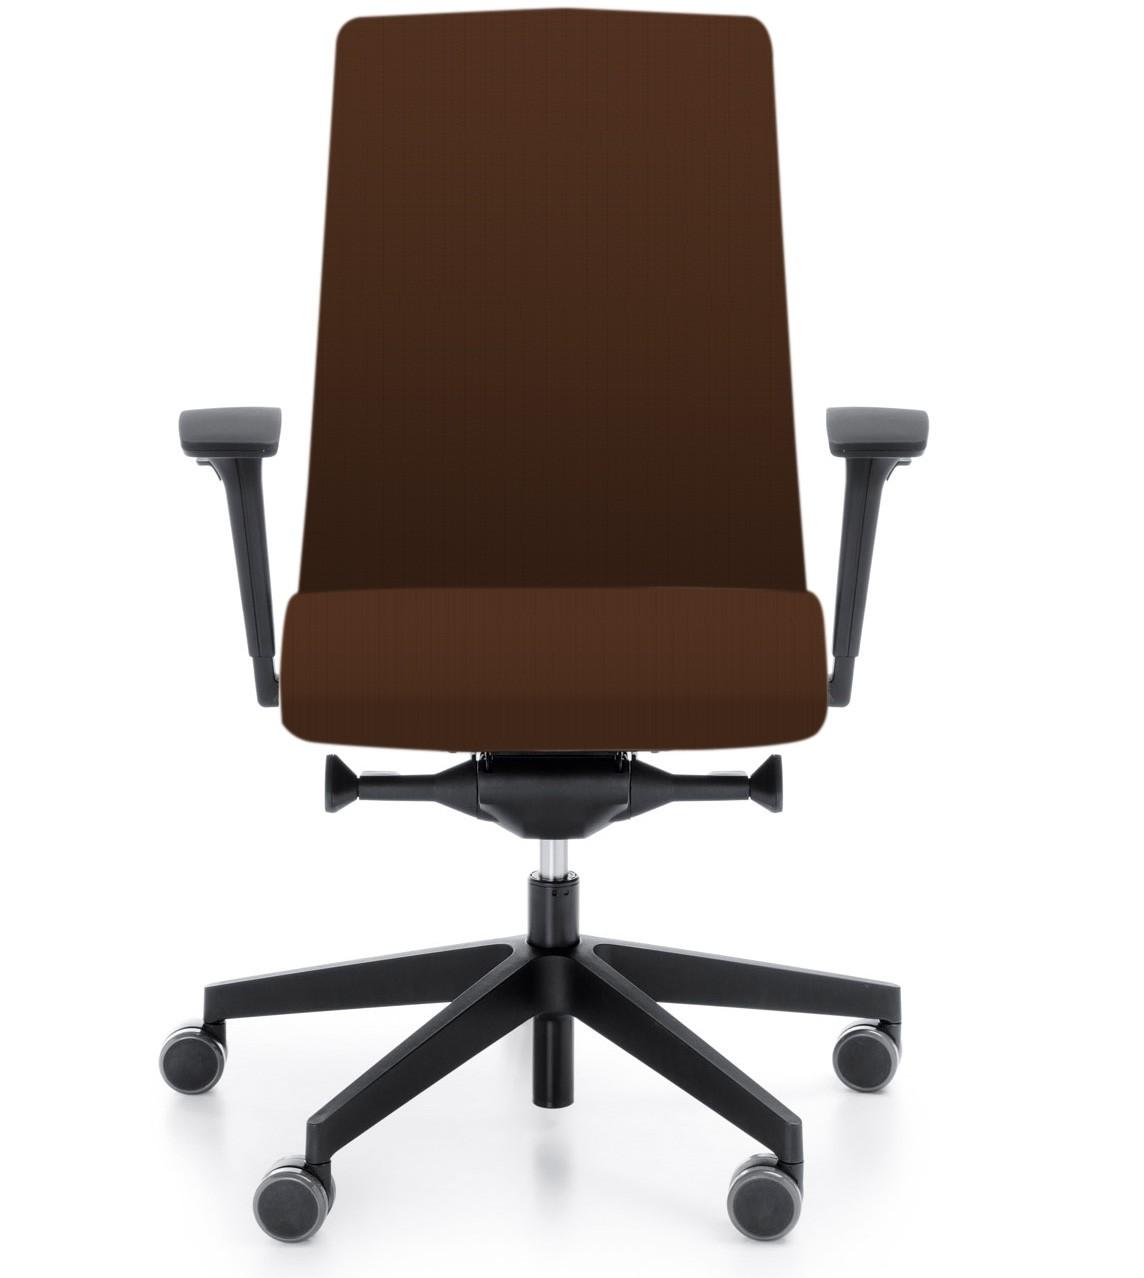 profim Drehstuhl Motto - Farbe und Ausstattung wählbar - Büro Stuhl